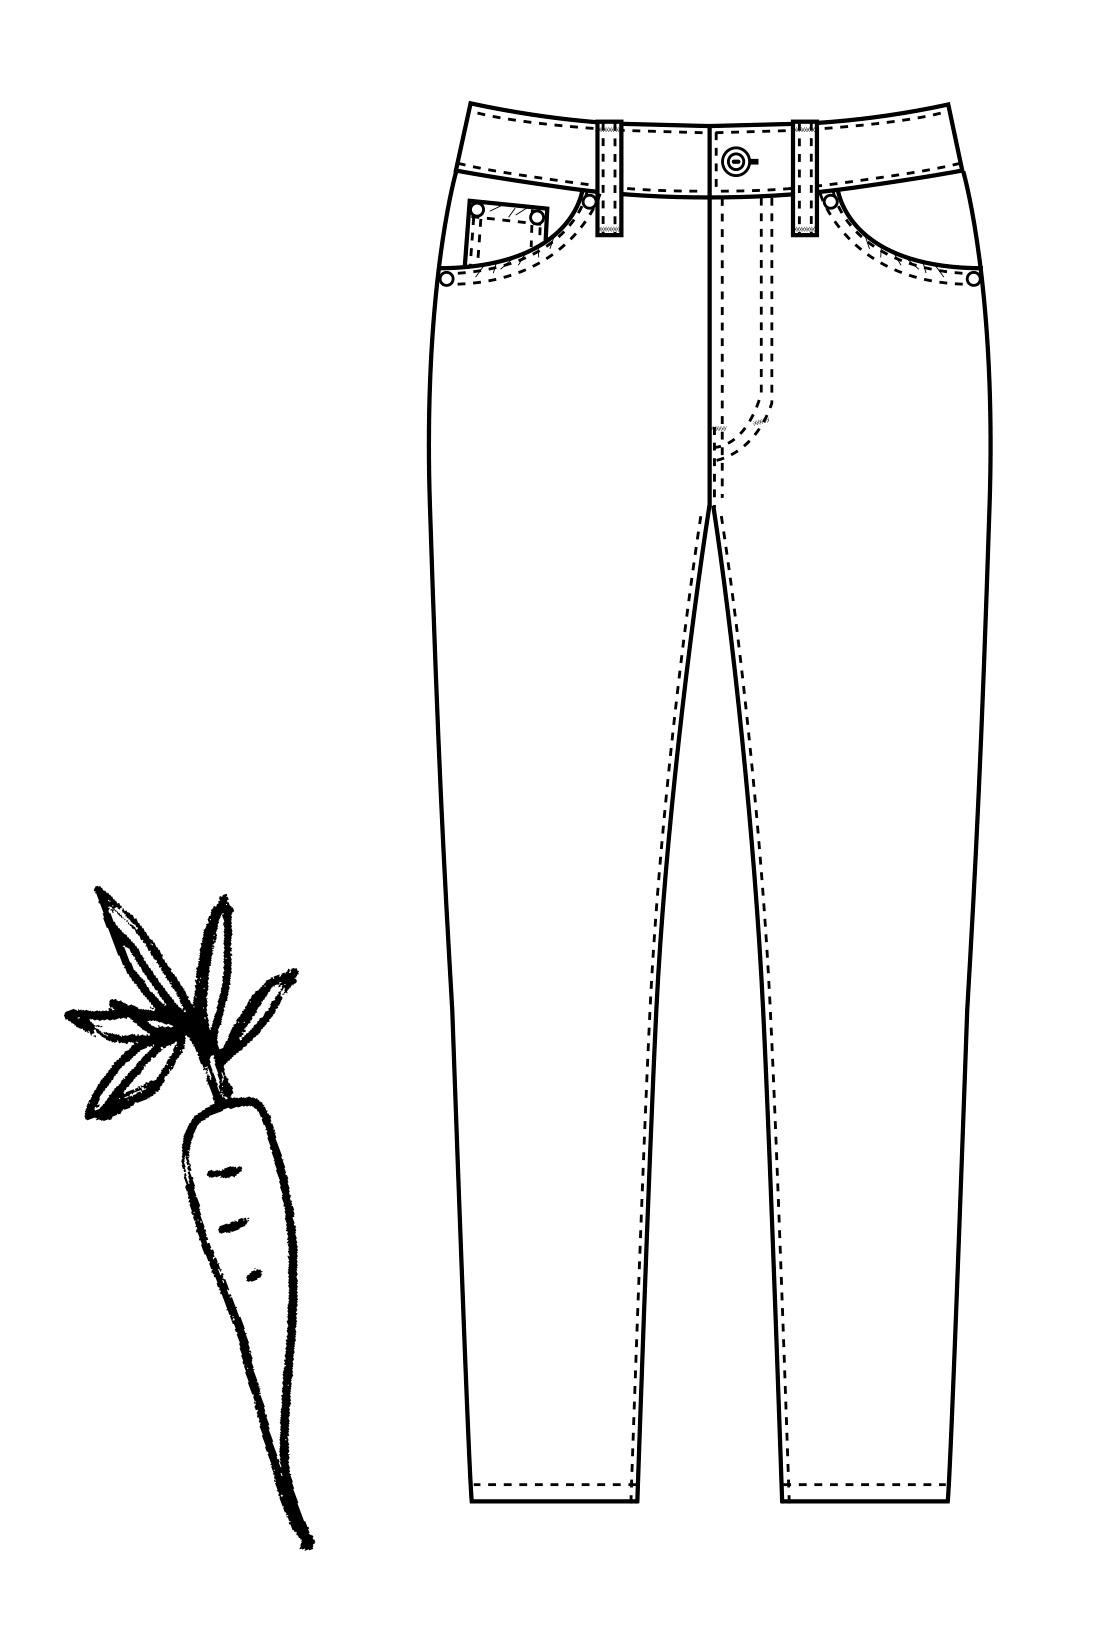 キャロパード(R)=「キャロット」+「テーパード」すそに向かってしゅっときれいに細くなるにんじんみたいなシルエット。「キャロパード(R)」はフェリシモの登録商標です。